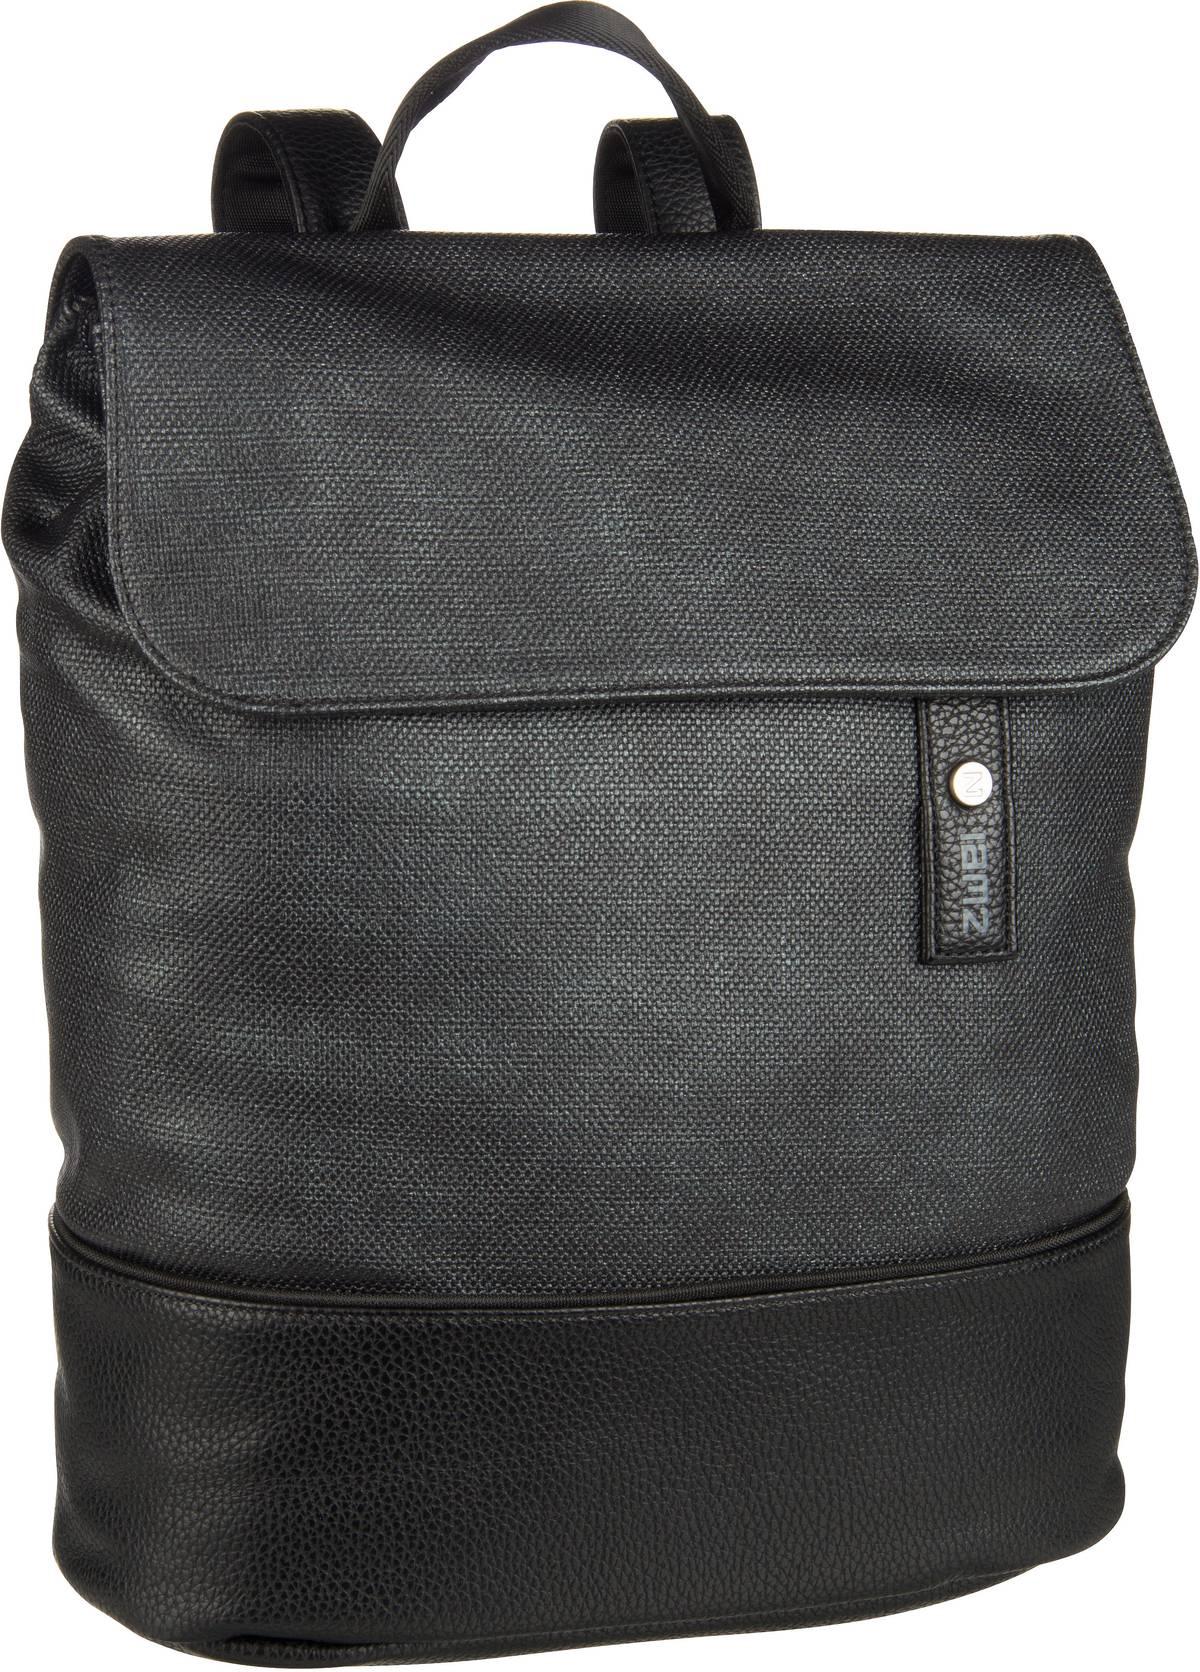 Rucksack / Daypack Jana JR13 Noir (7 Liter)